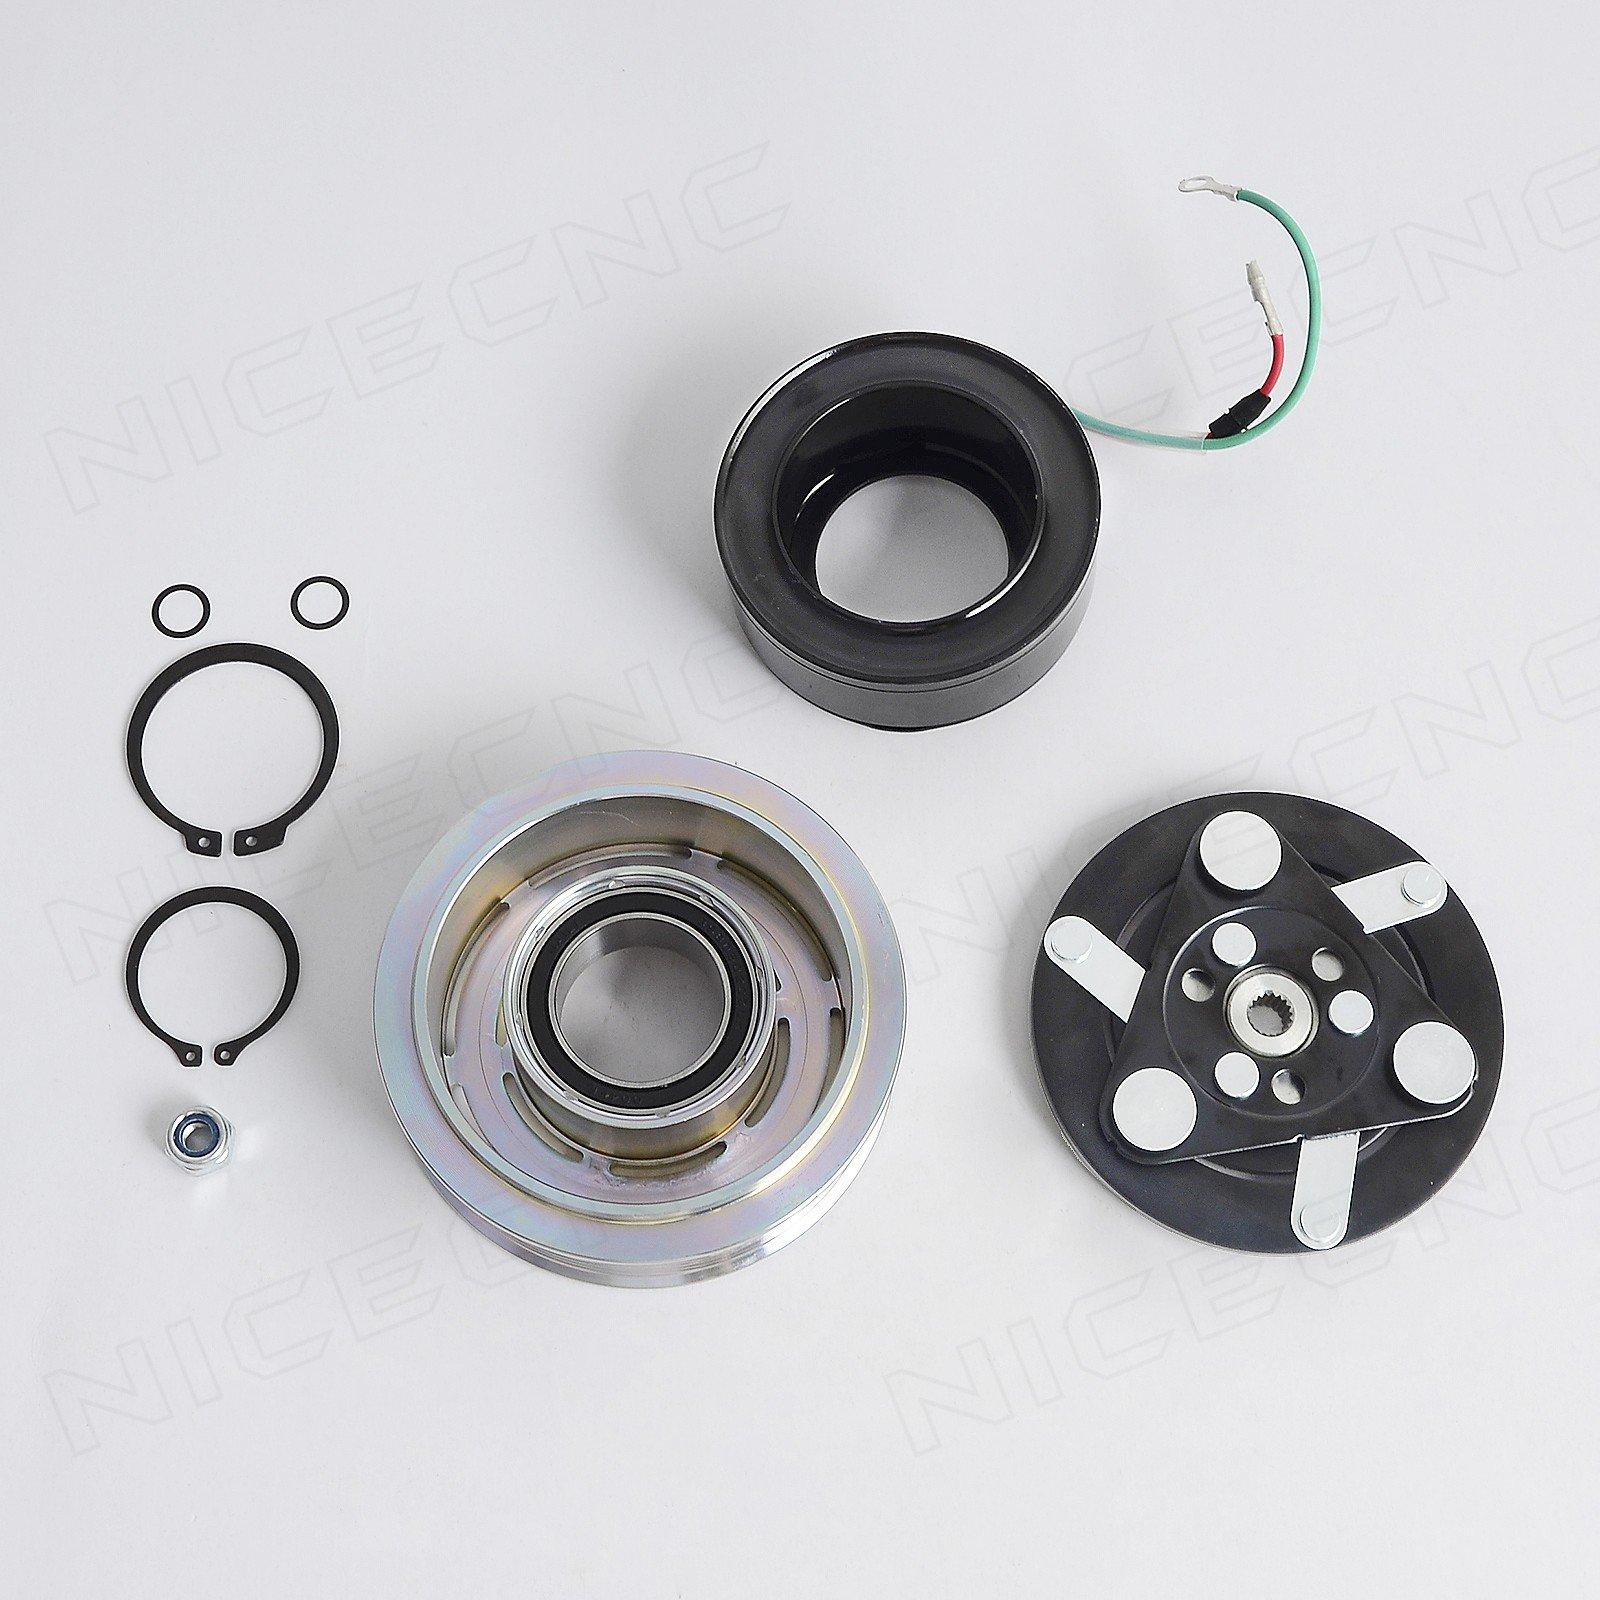 NICECNC AC A/C Compressor Clutch Repair